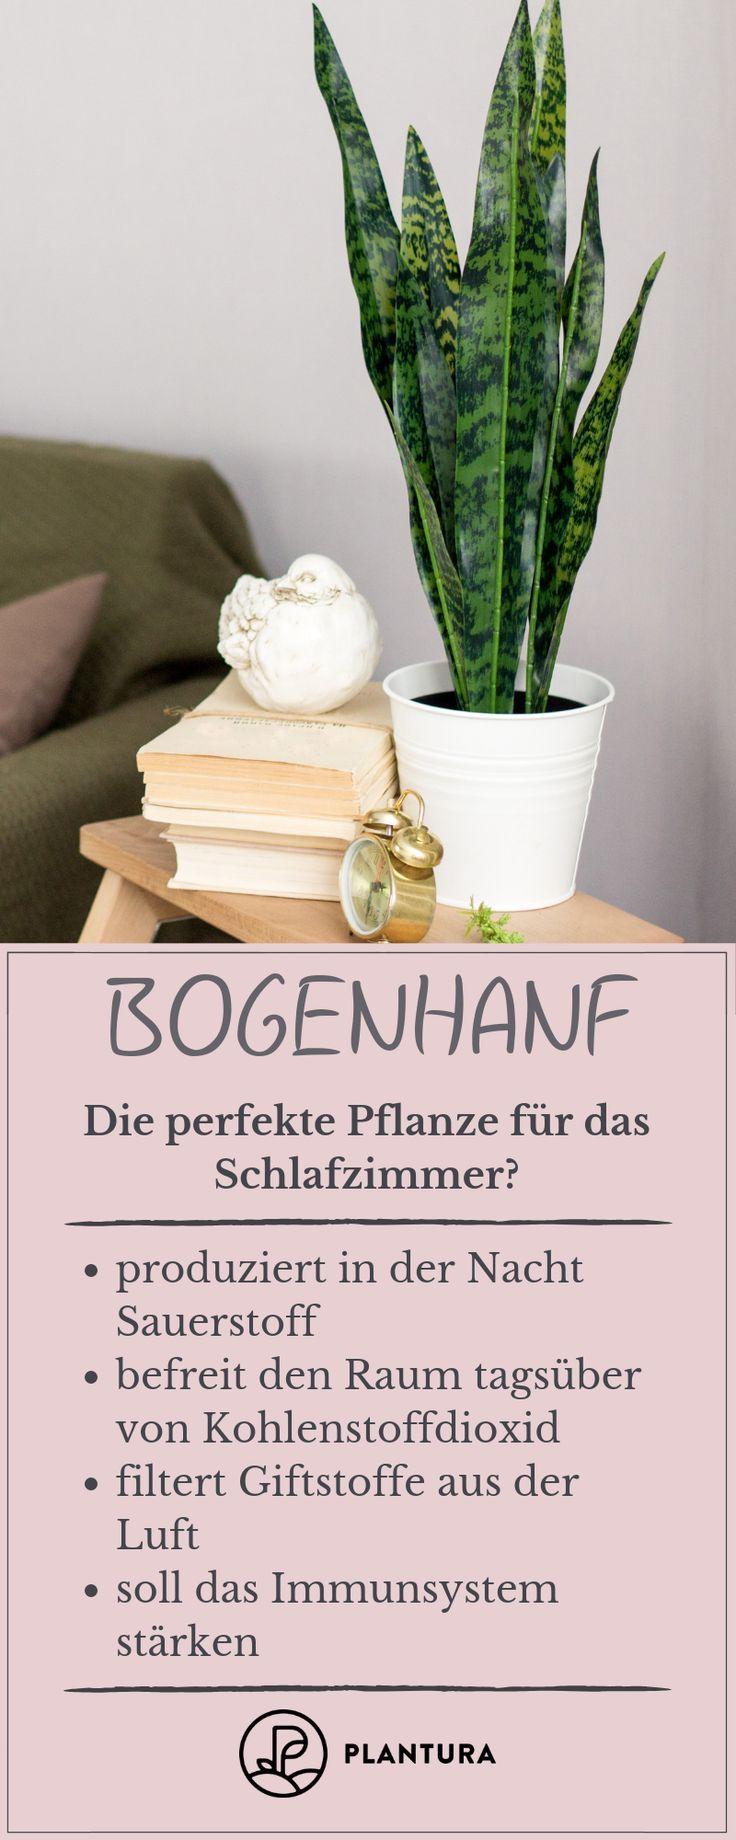 Pflanzen im Schlafzimmer: Vorteile, Nachteile und geeignete Arten Ulrike Zenner